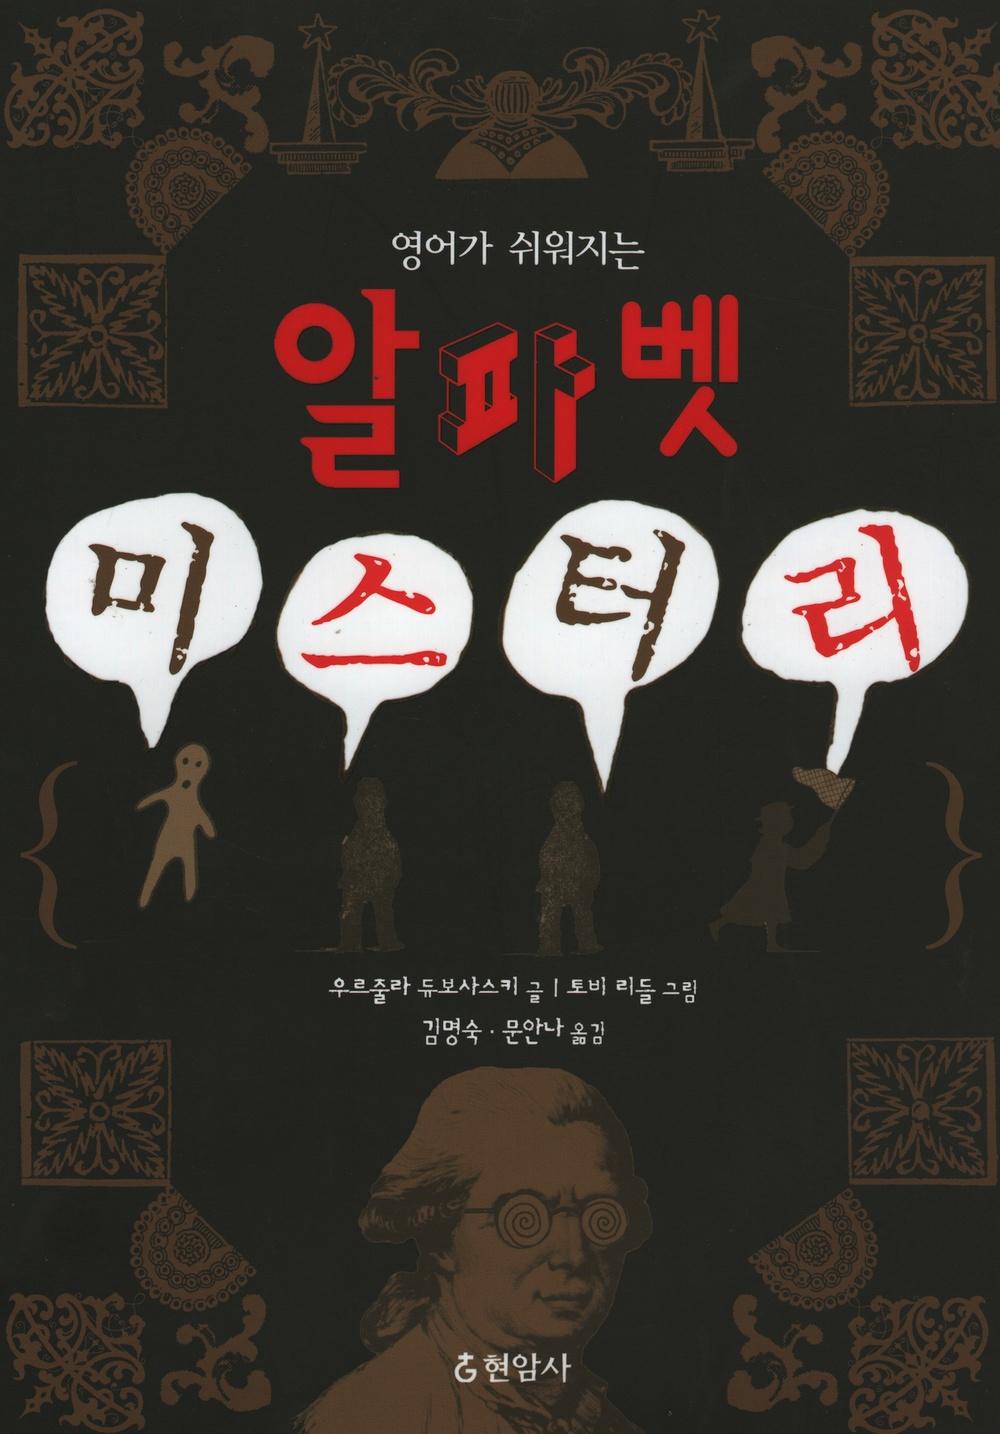 ursula book korean 1500px.jpg